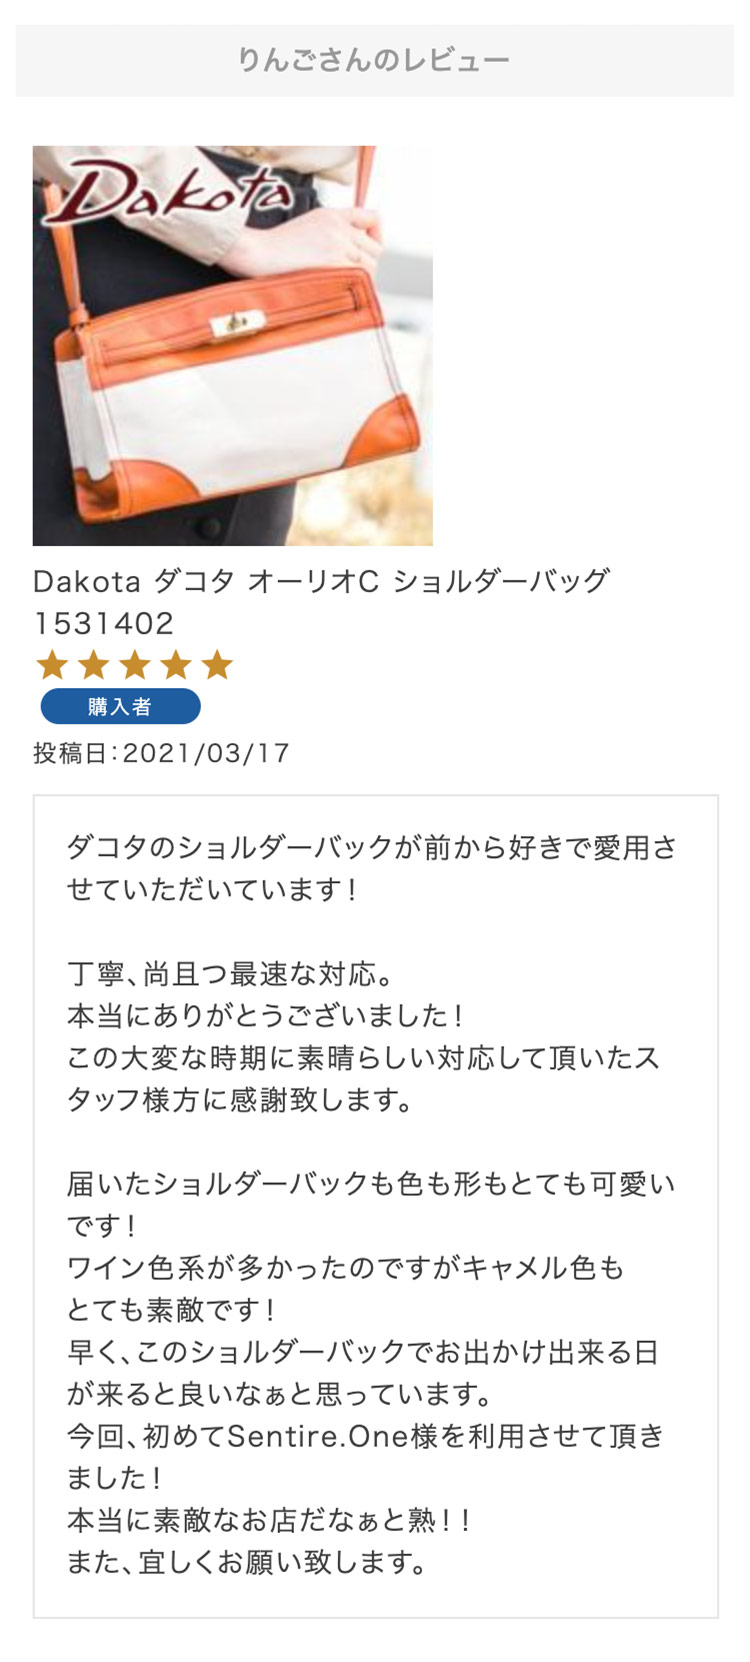 第2回 レビュー大感謝キャンペーン 特賞